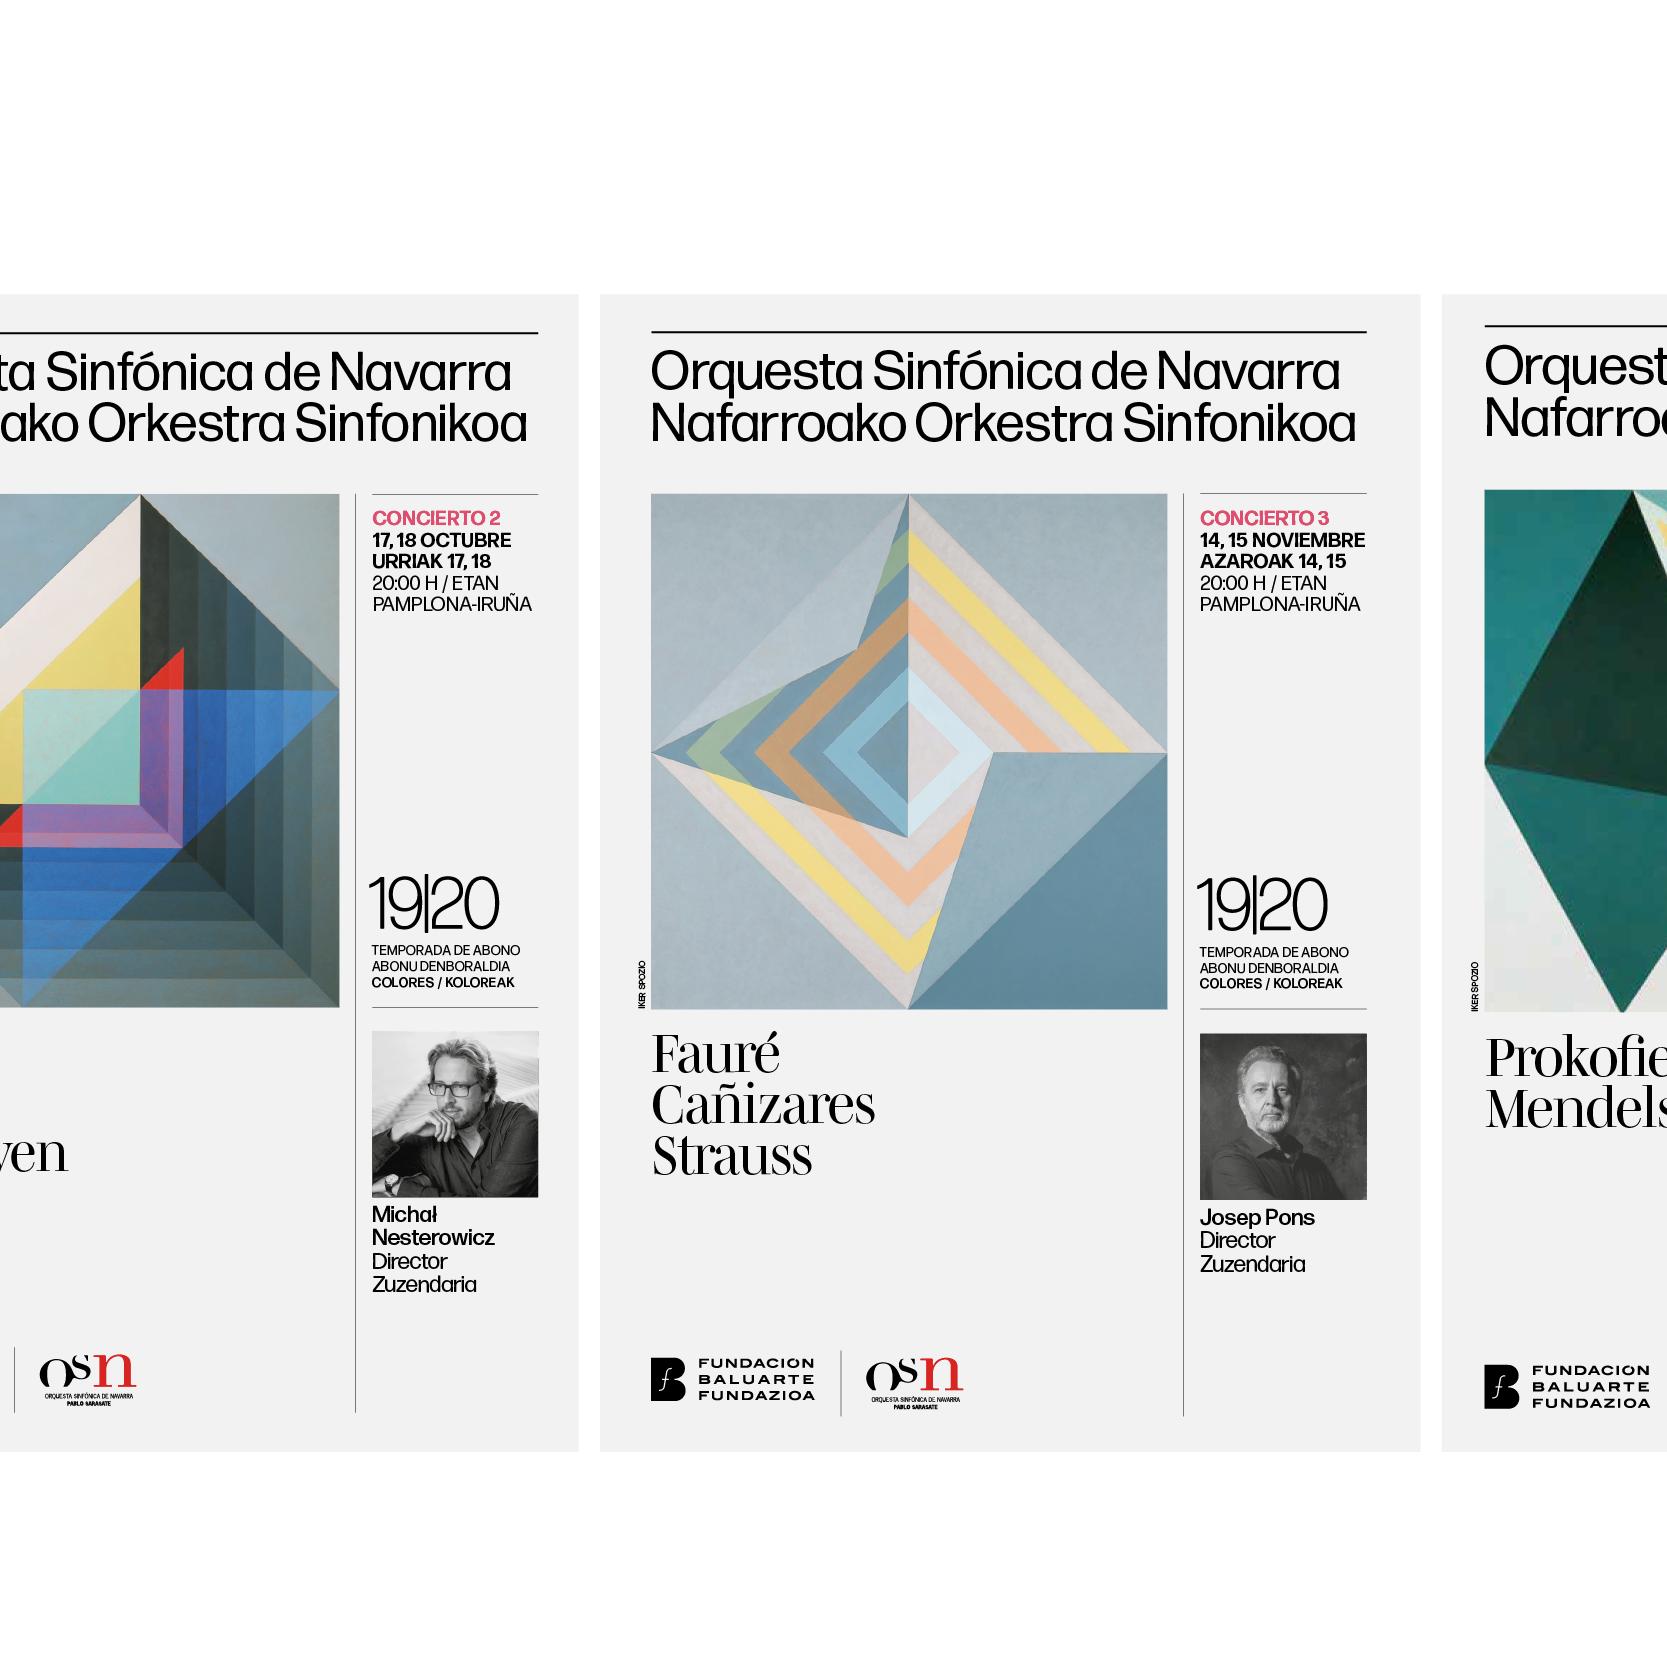 Imagen para la Orquesta Sinfónica de Navarra by Errea Comunicación - Creative Work